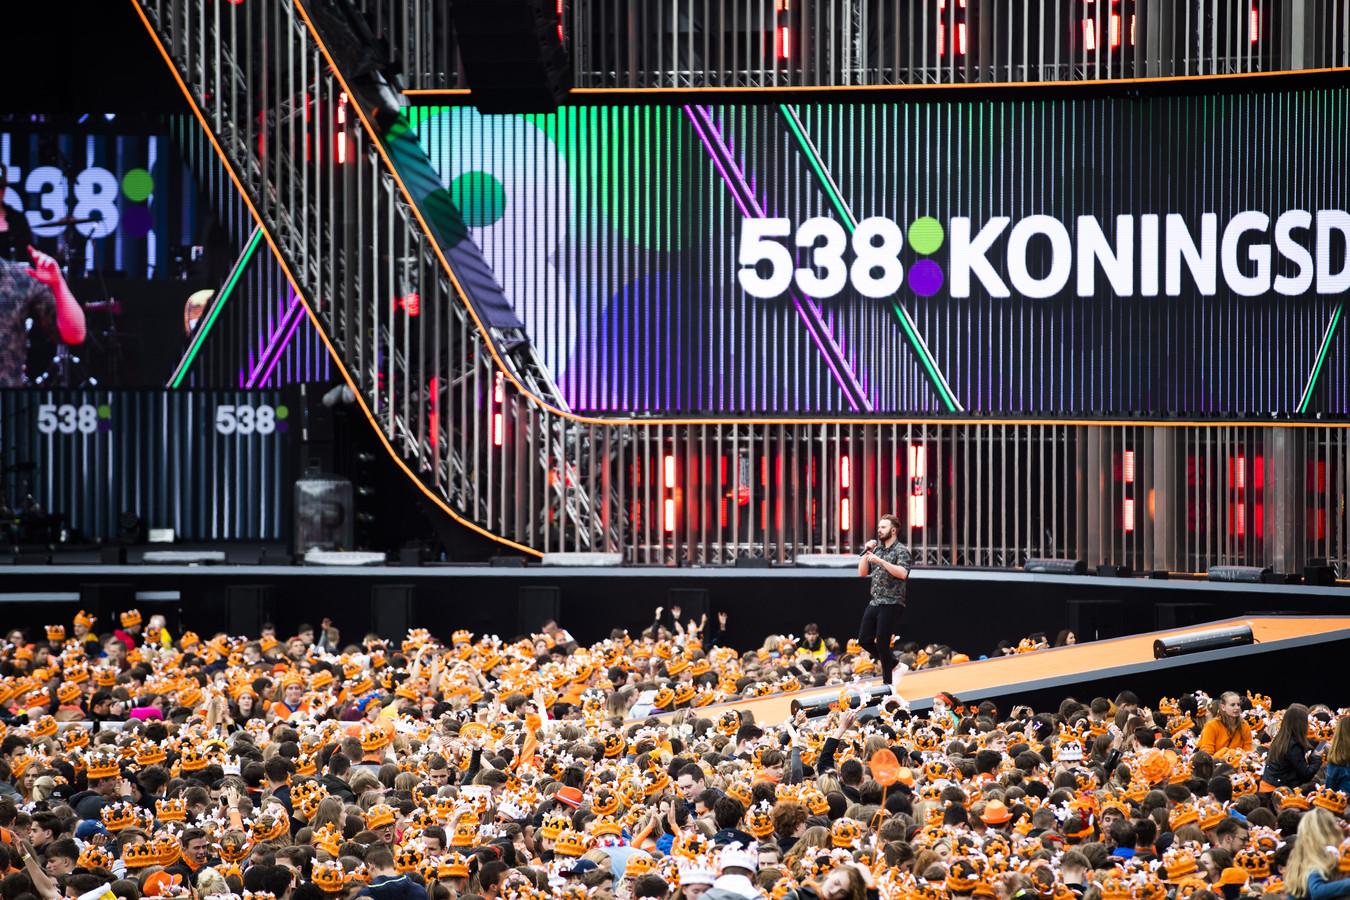 Dit was hoe 538 Koningsdag in 2019 werd gevierd in Breda.